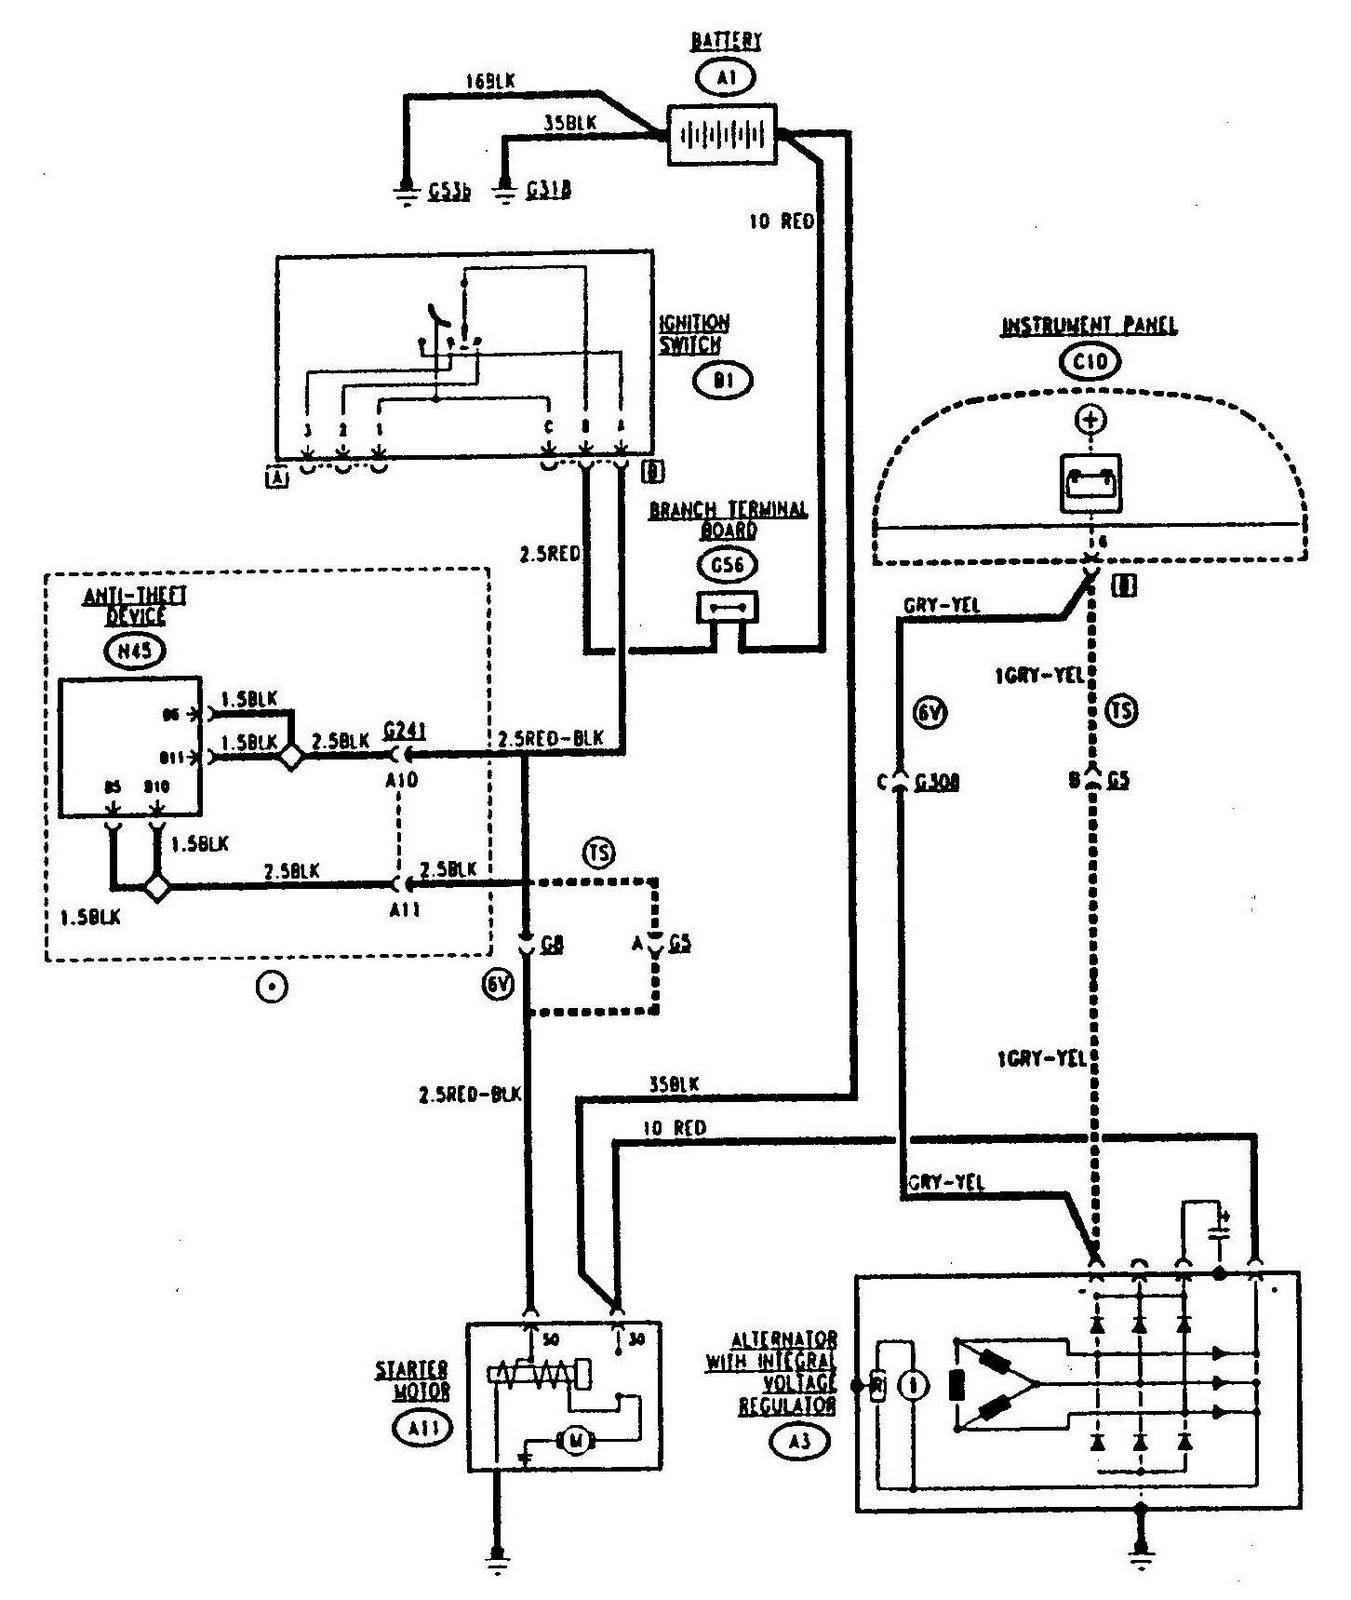 [SCHEMATICS_43NM]  GR_5909] Alfa Romeo Giulietta Spider Veloce 10107 Wash System Wiring  Diagram Wiring Diagram | Alpha Rv Wiring Diagram |  | Vell Socad Hendil Tzici Nuvit Inrebe Mohammedshrine Librar Wiring 101